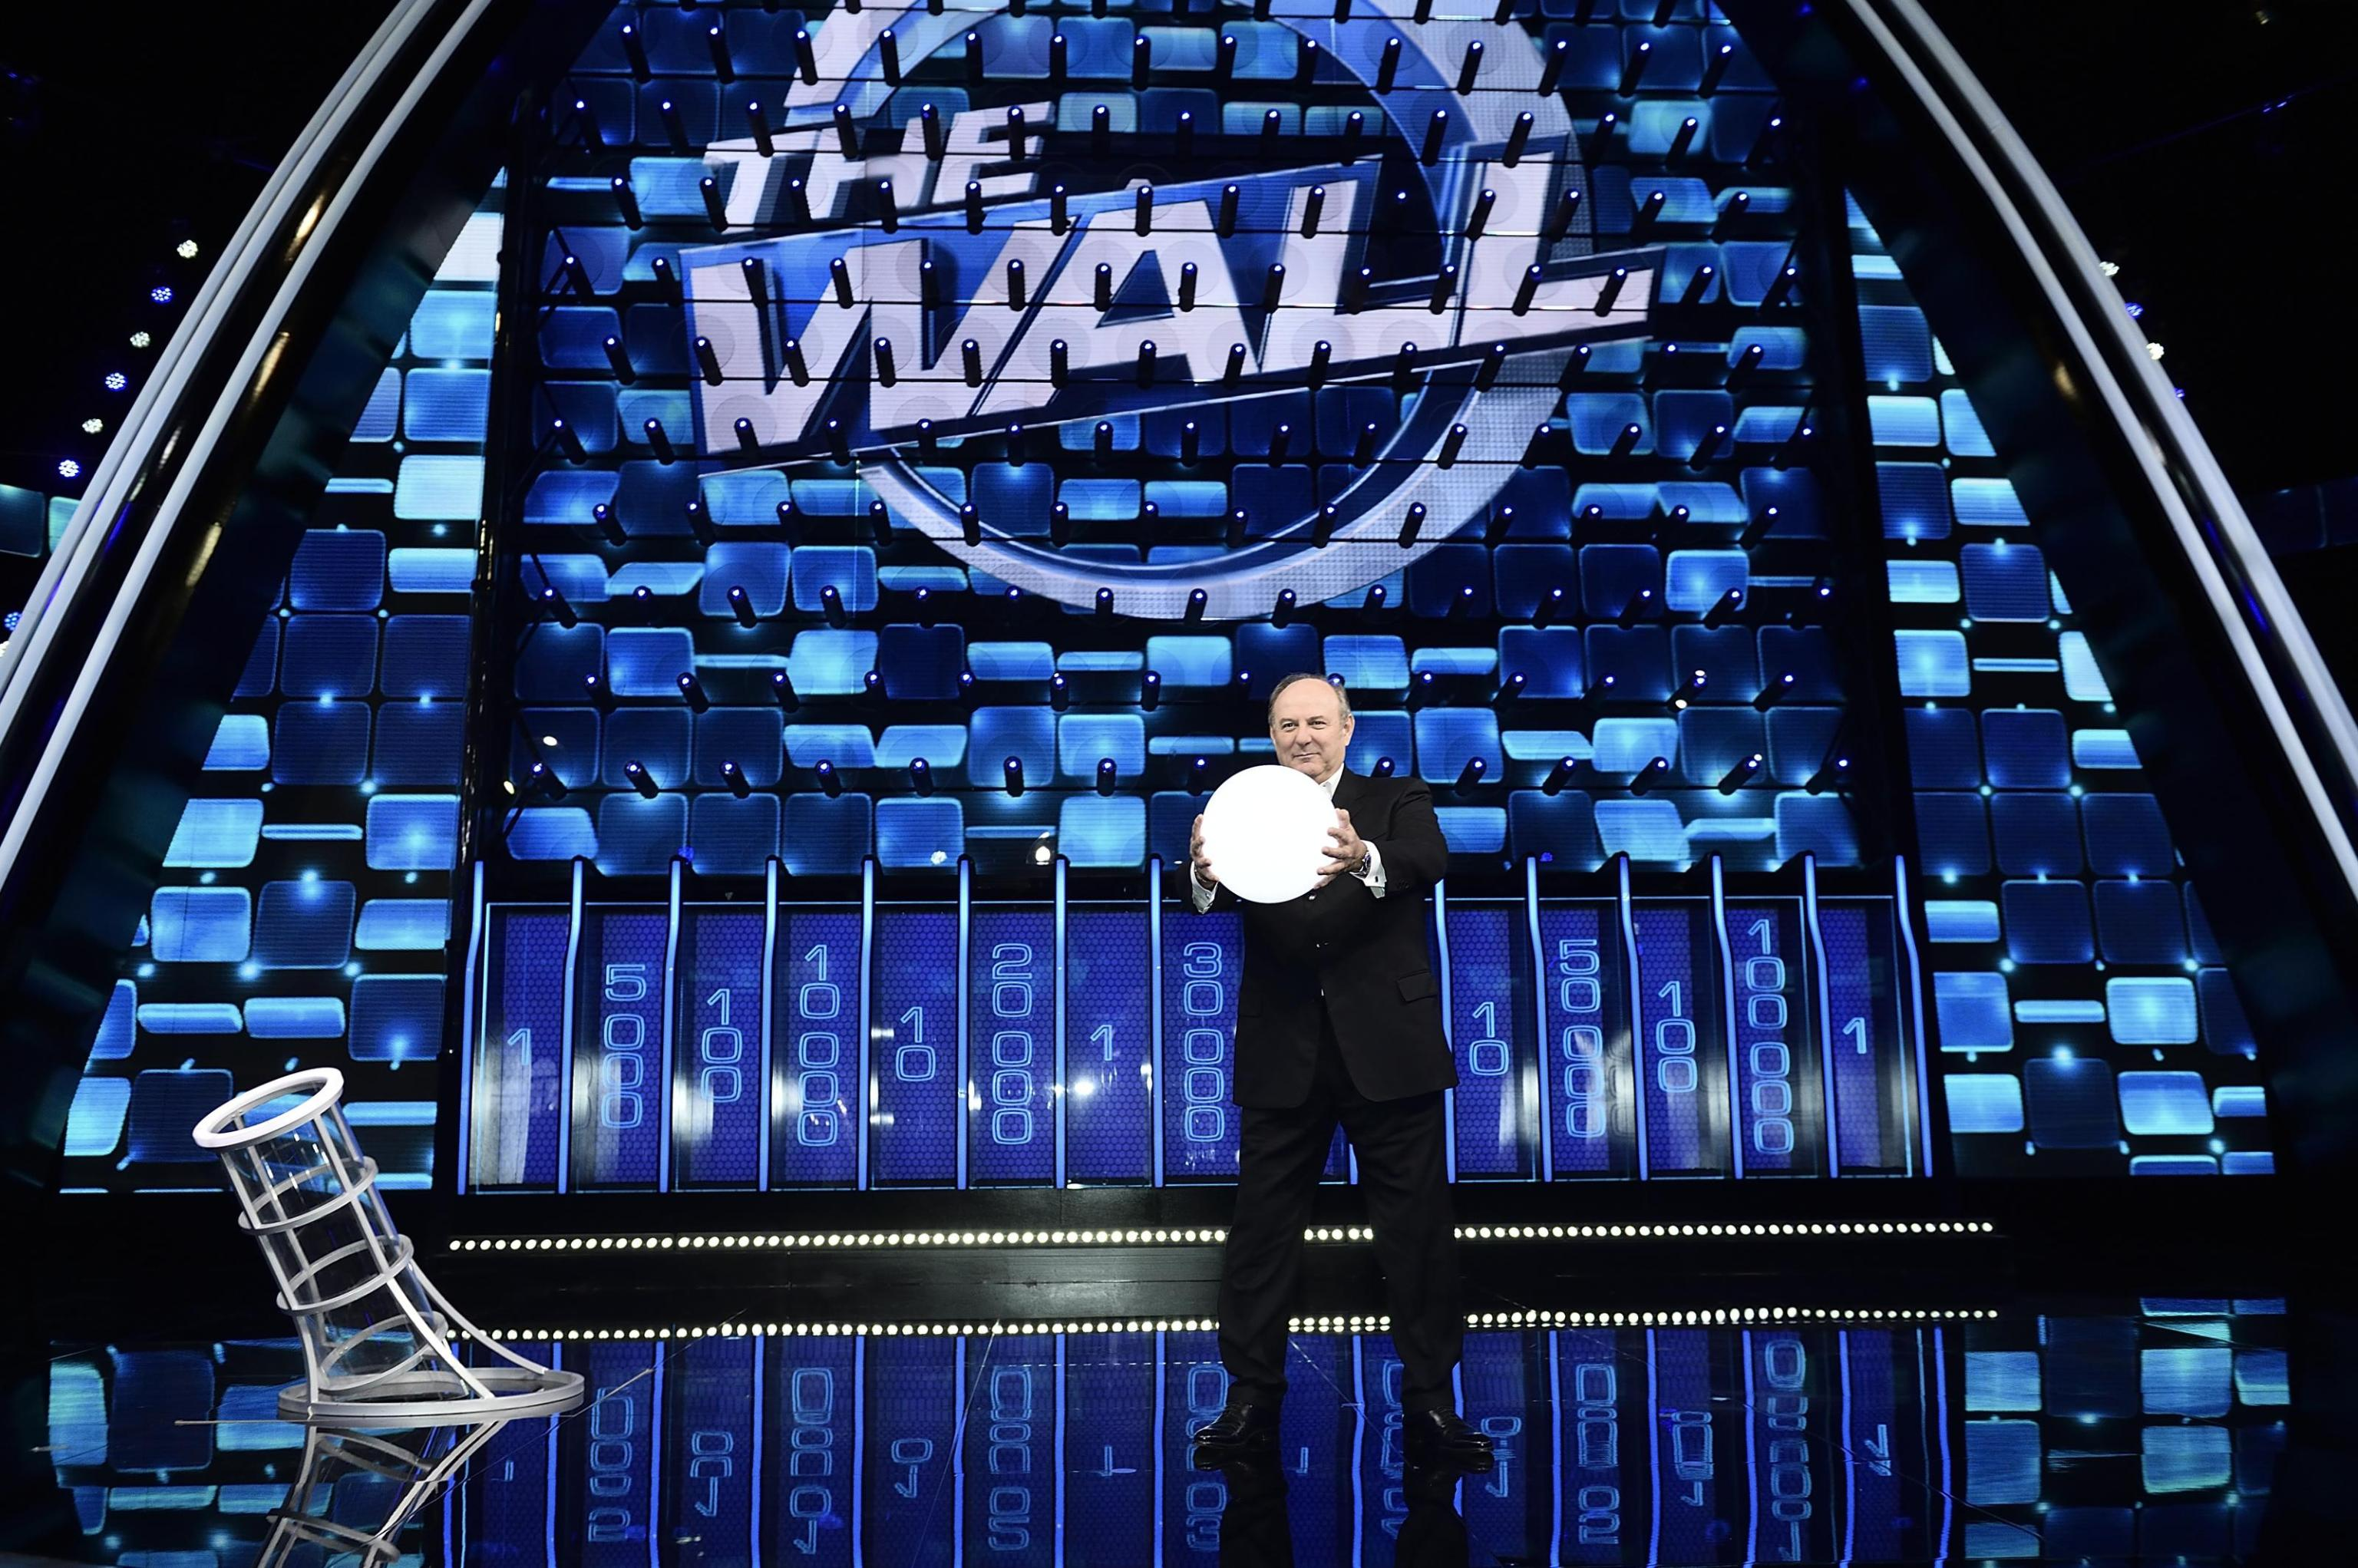 The Wall, errore sulla Divina Commedia: per una coppia di concorrenti 'è scritta in latino'